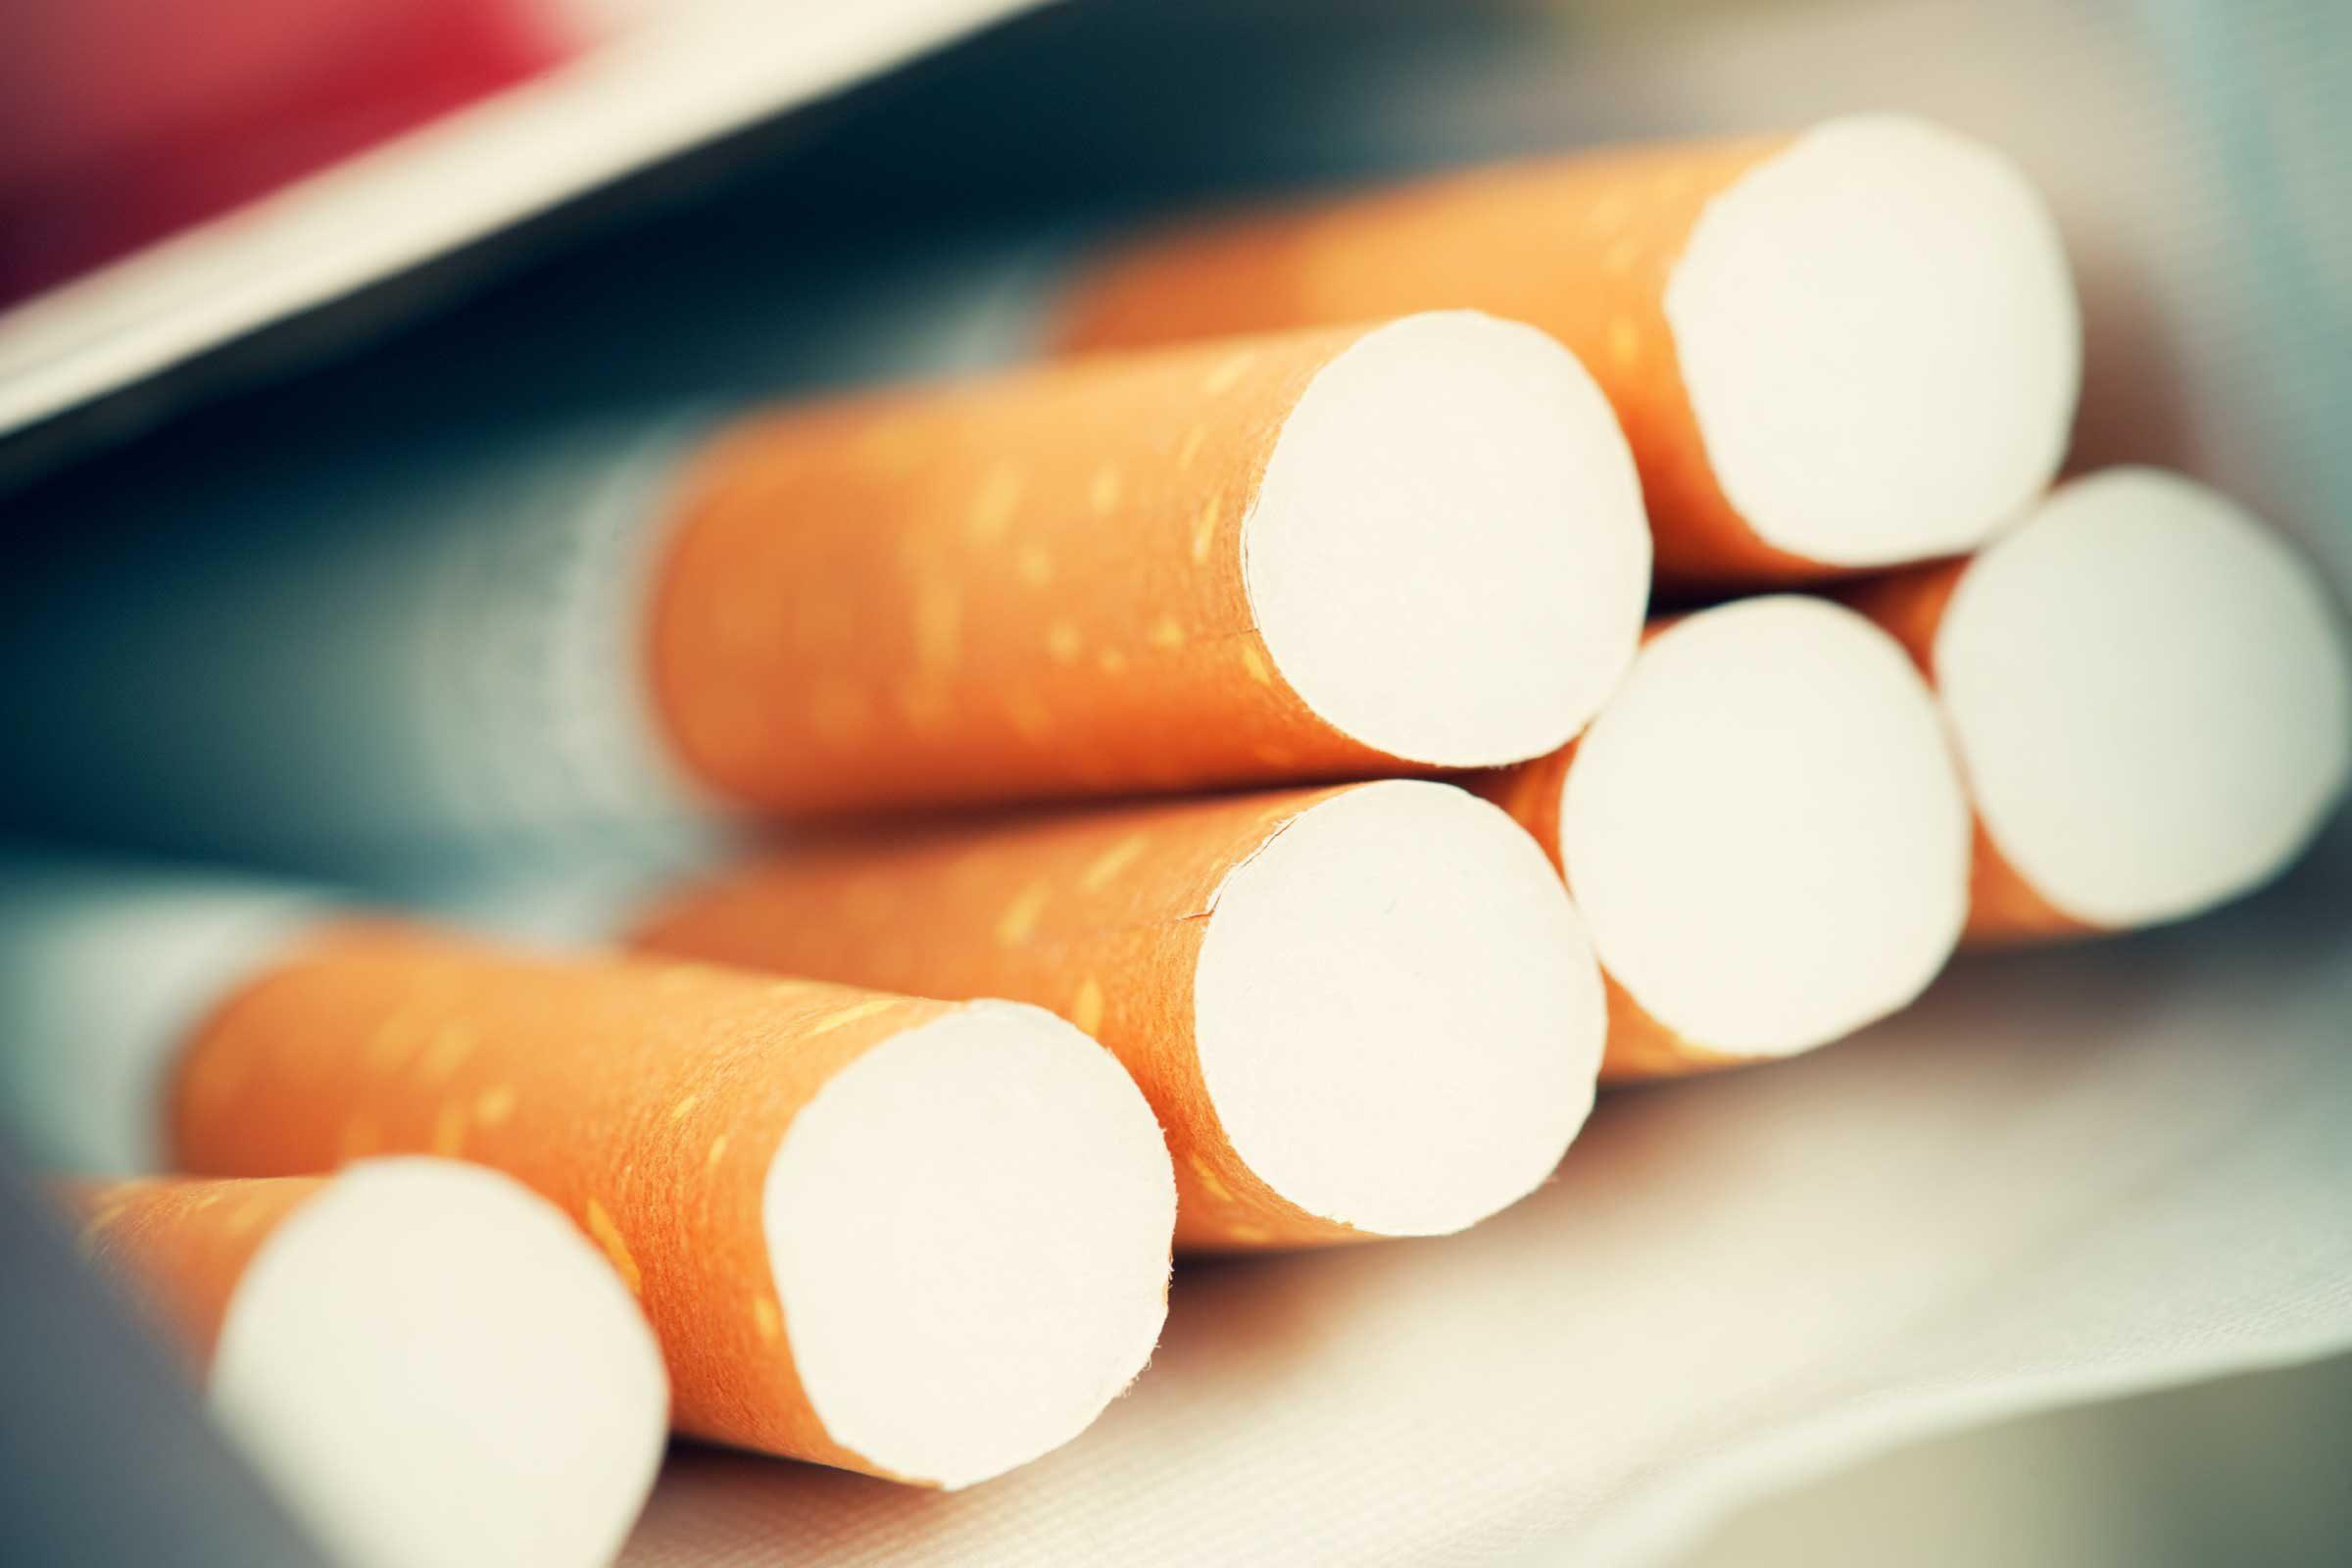 Les risques de cancer diminuent rapidement après avoir arrêté de fumer